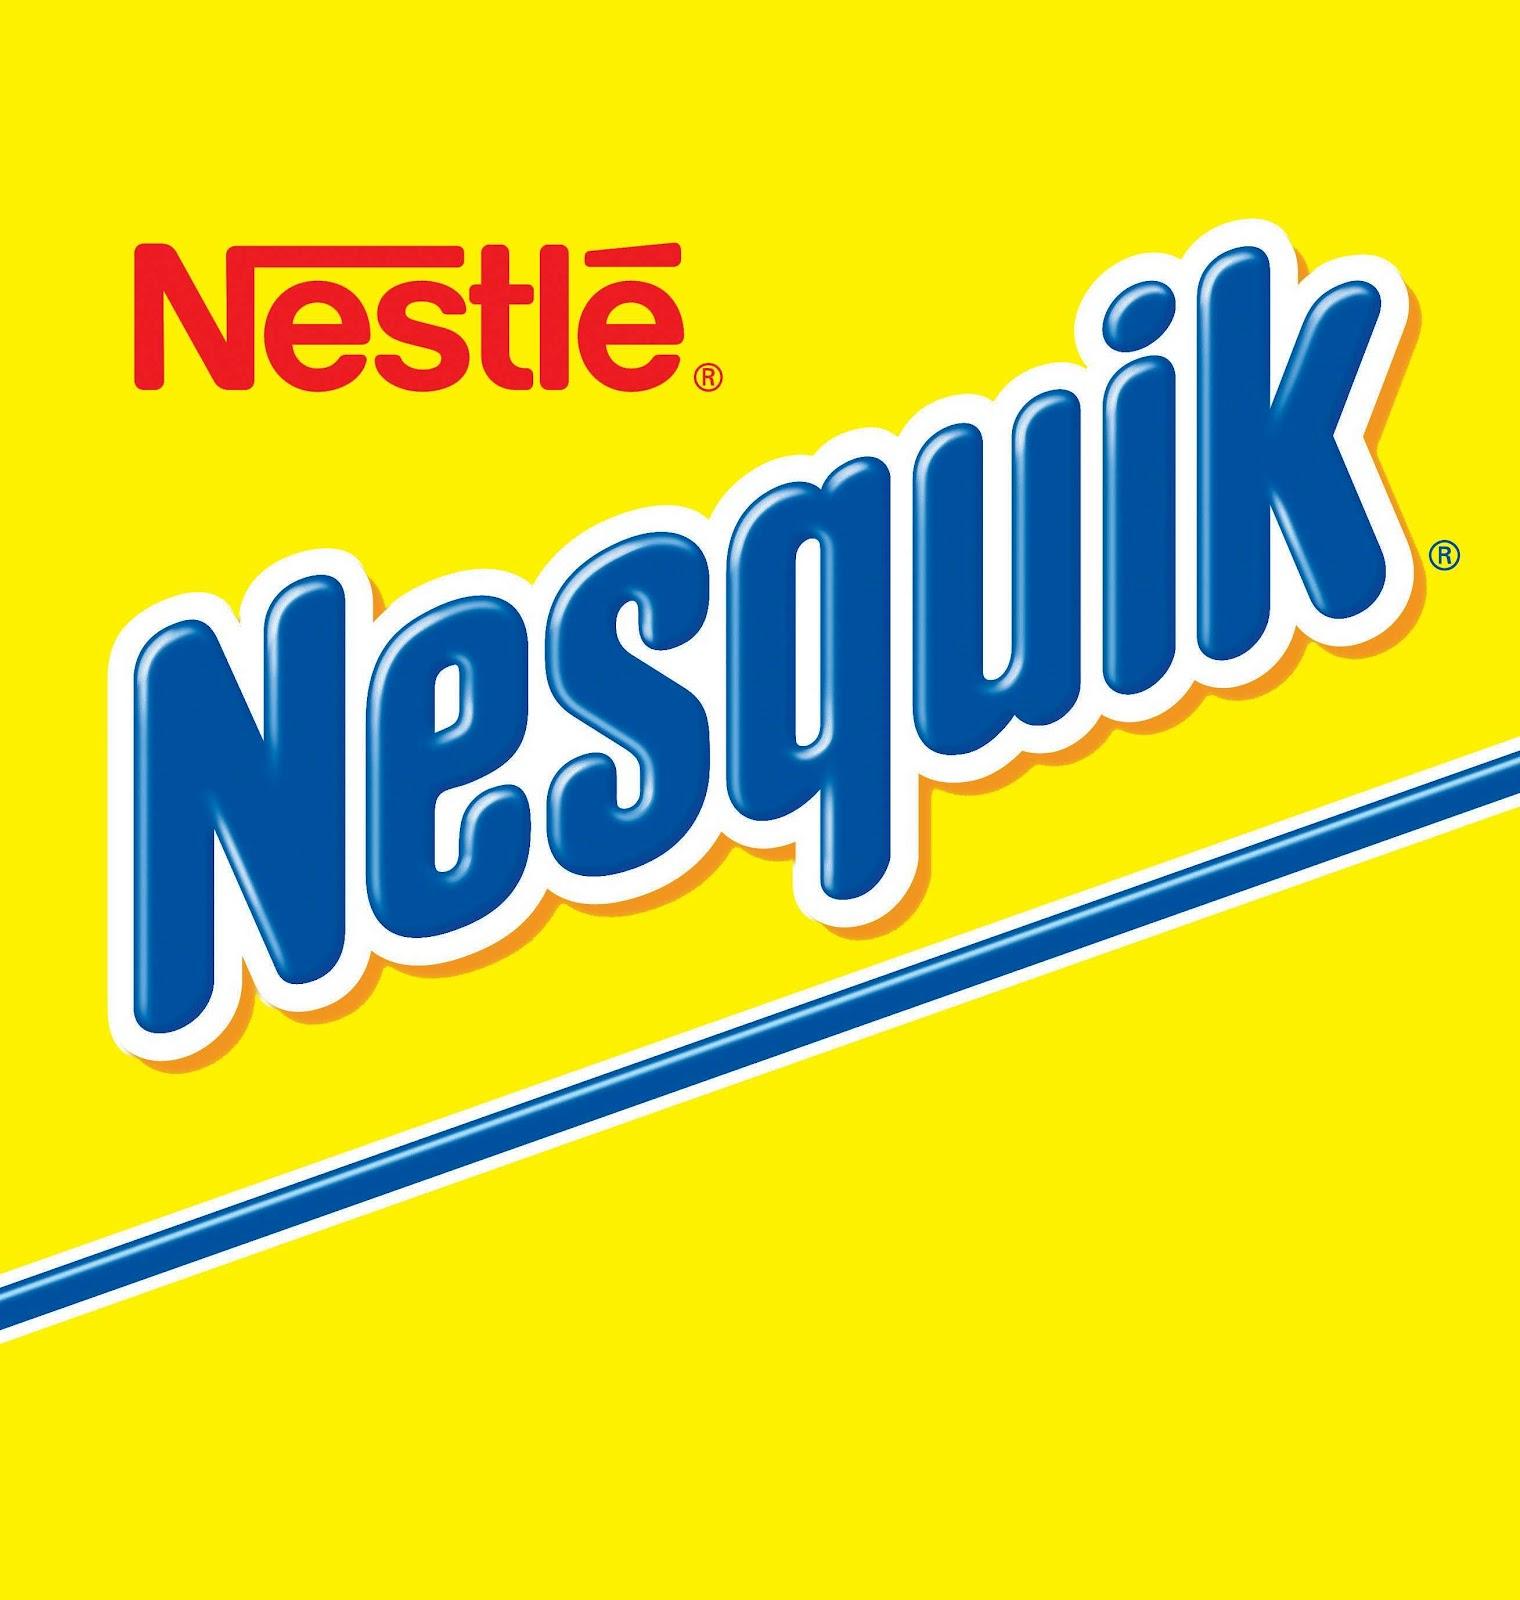 http://1.bp.blogspot.com/-AqacY5ApVMU/T1e7blV3V3I/AAAAAAAAAUc/G2IYV0Q3NrU/s1600/Nestle+nesquik+Logo.jpg